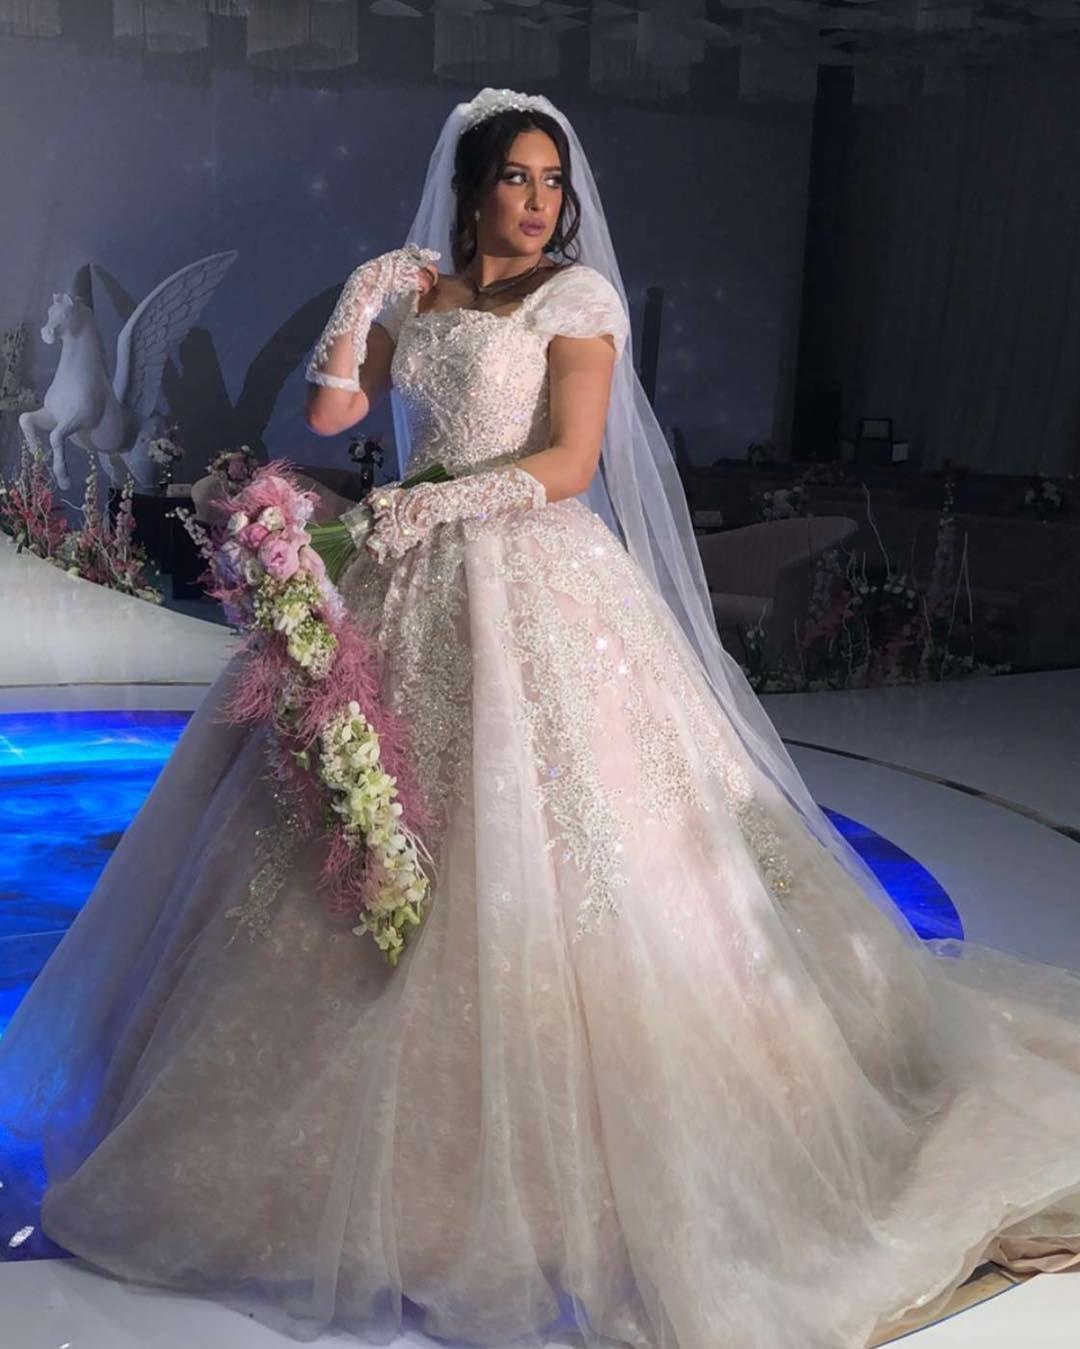 Yousef Aljasmi On Instagram Farah Alhady الجميله فرح الهادي وفستان زفاف من جسميكو Evening Dresses For Weddings Wedding Dresses Dresses